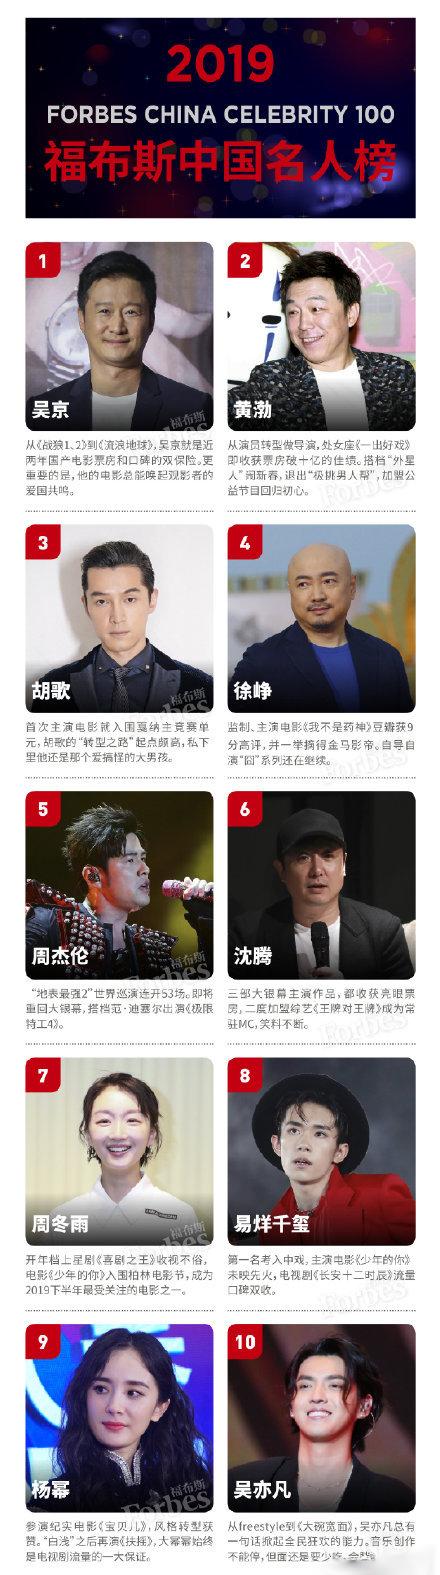 福布斯中国100名人榜TOP20